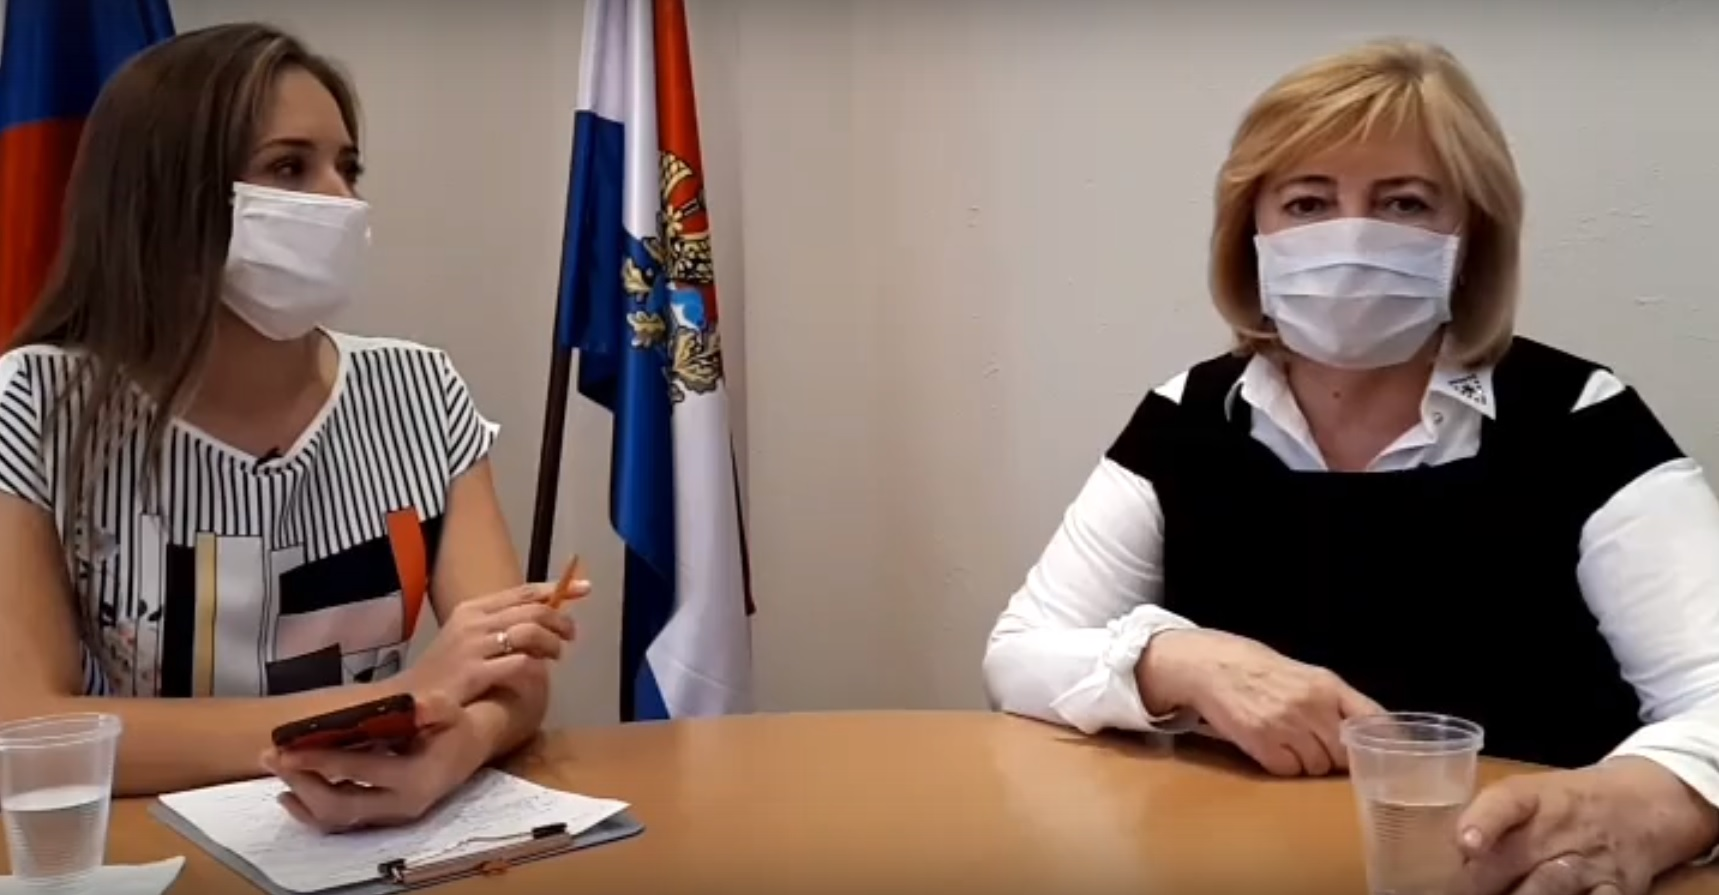 Самарский экс-министр здравоохранения рассказала, как болела коронавирусом